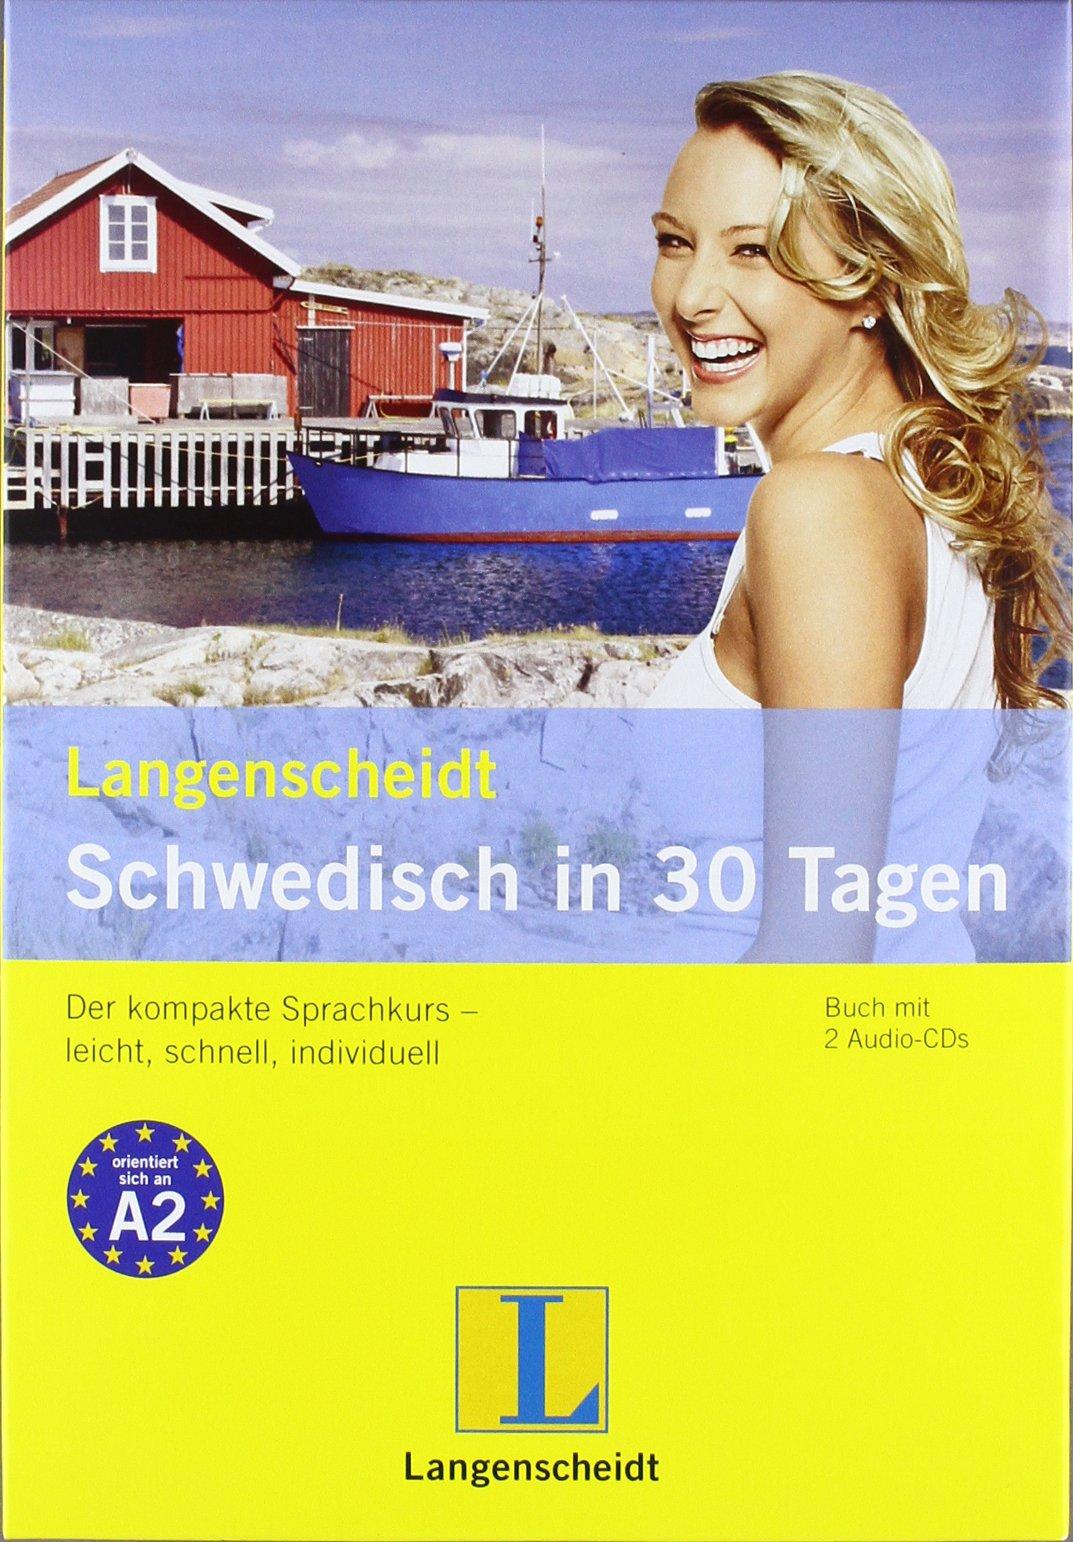 """Langenscheidt Schwedisch in 30 Tagen - Buch, 2 Audio-CDs: Der kompakte Sprachkurs – leicht, schnell, individuell (Langenscheidt Selbstlernkurse """"... in 30 Tagen"""")"""